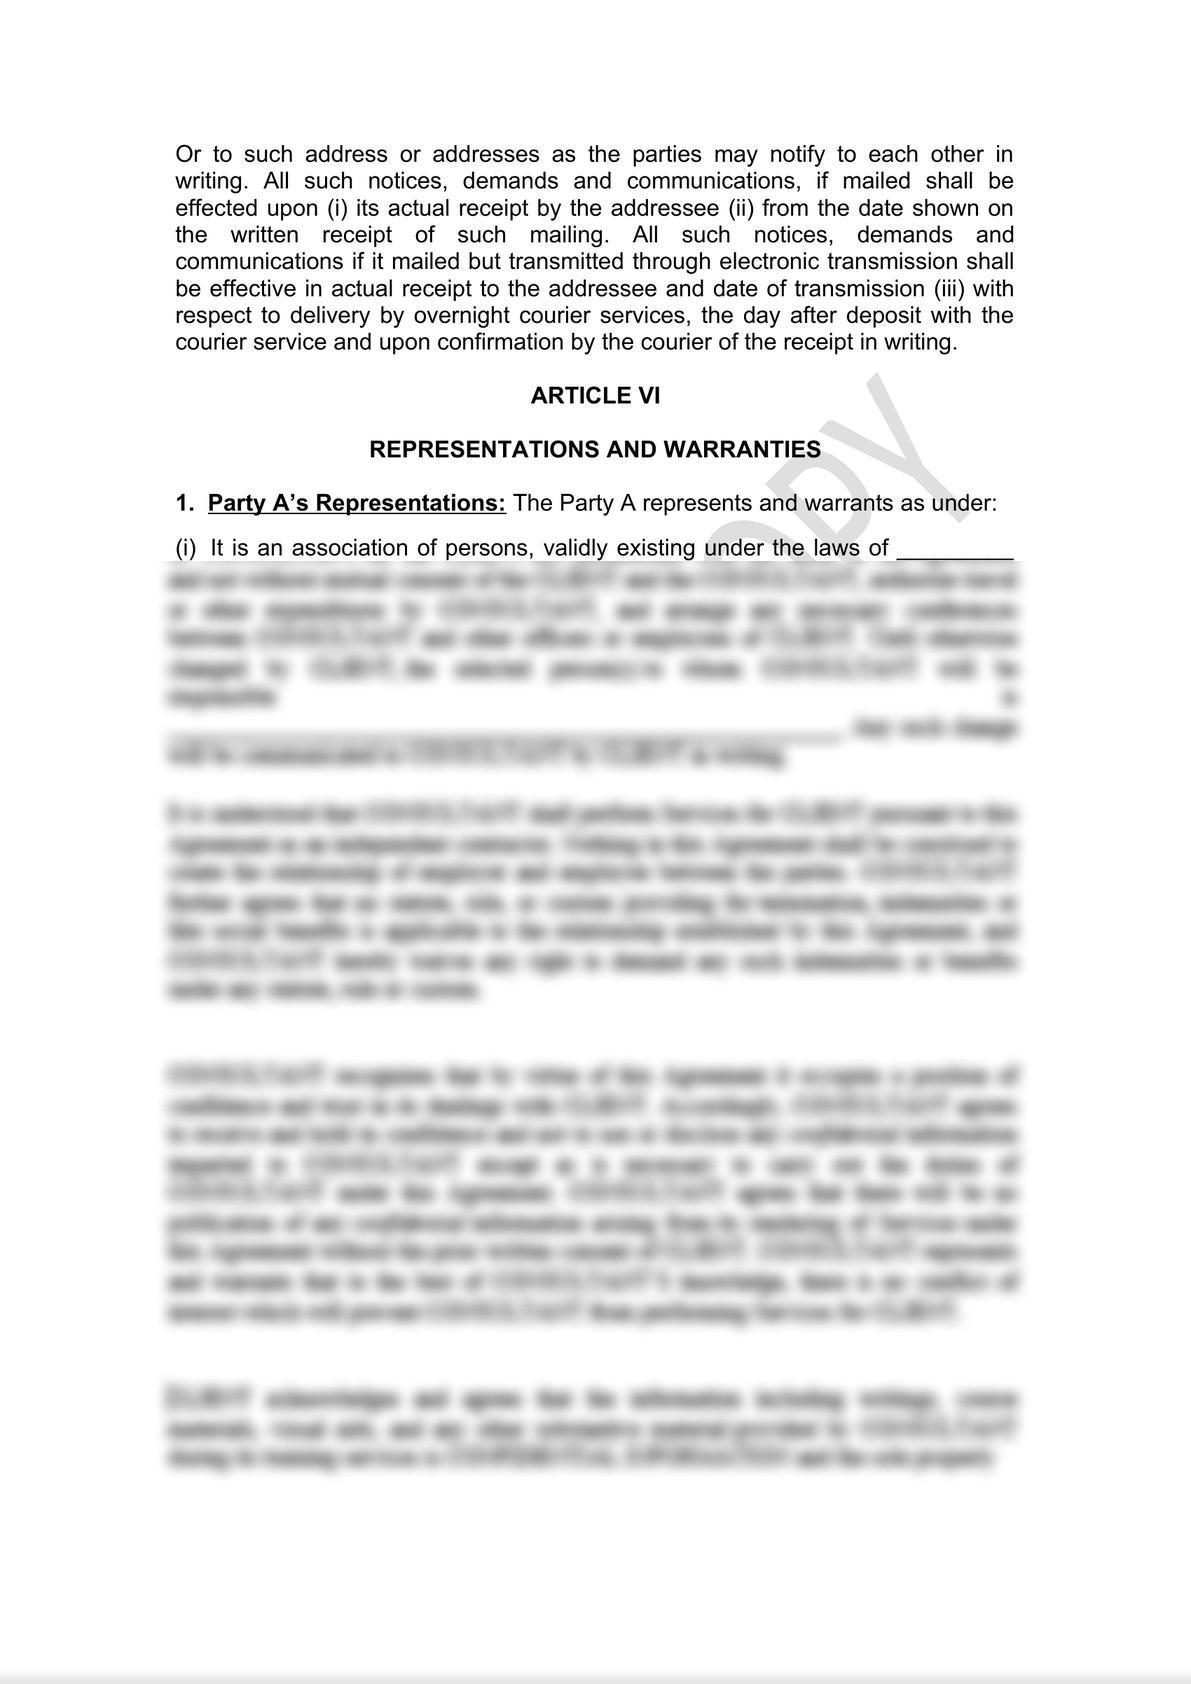 Distributor Agreement Draft-4